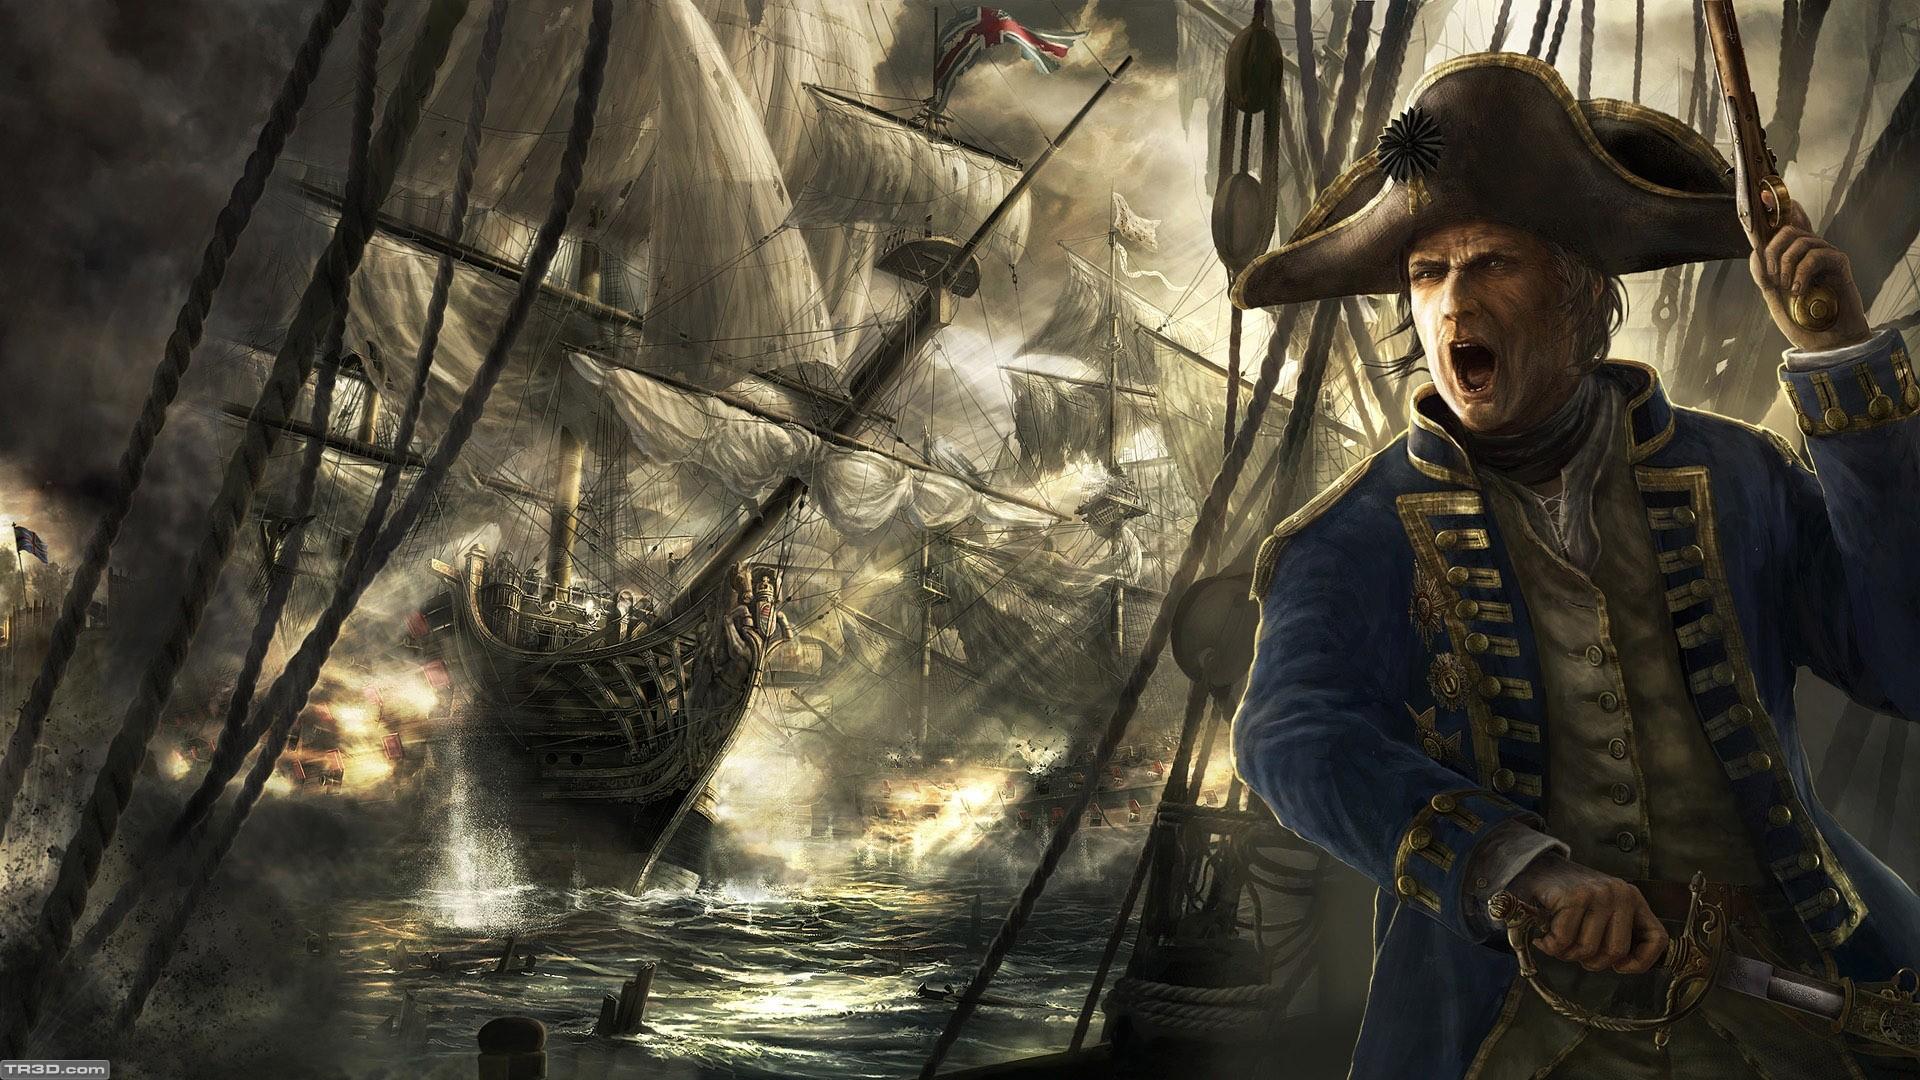 Battle on the sea